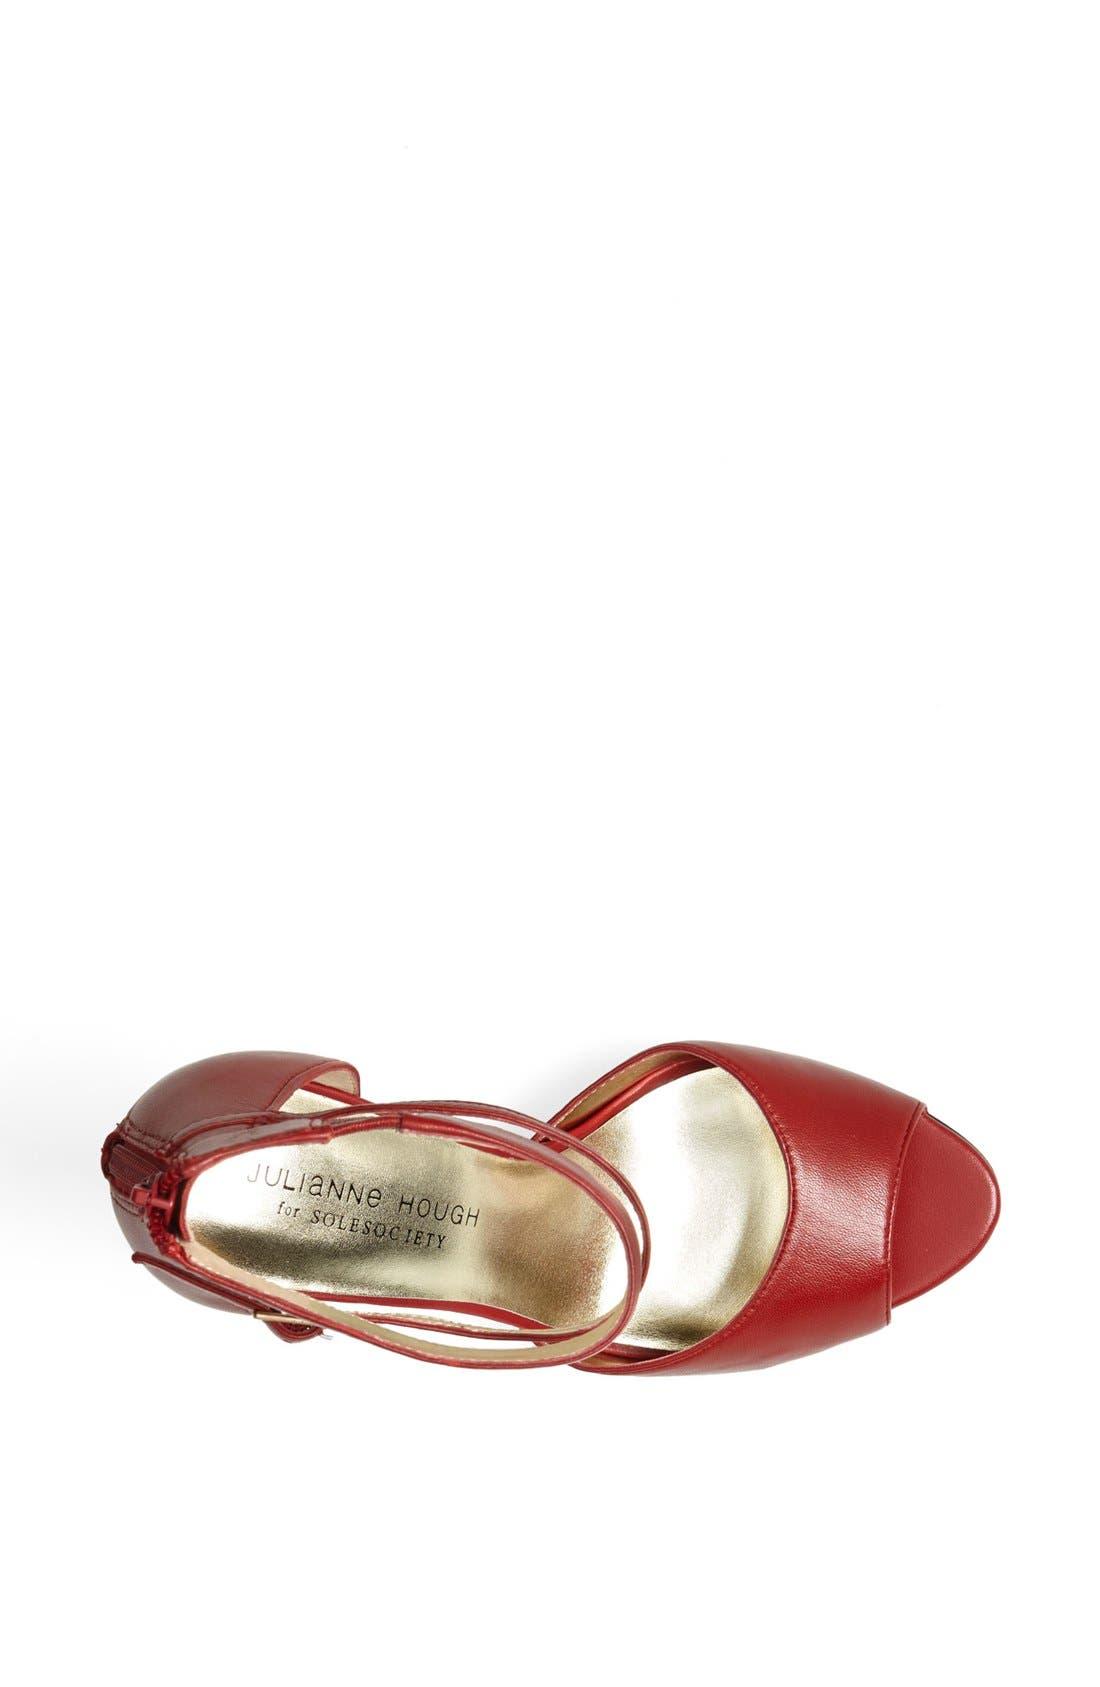 Alternate Image 3  - Julianne Hough for Sole Society 'Denelle' Ankle Strap Sandal